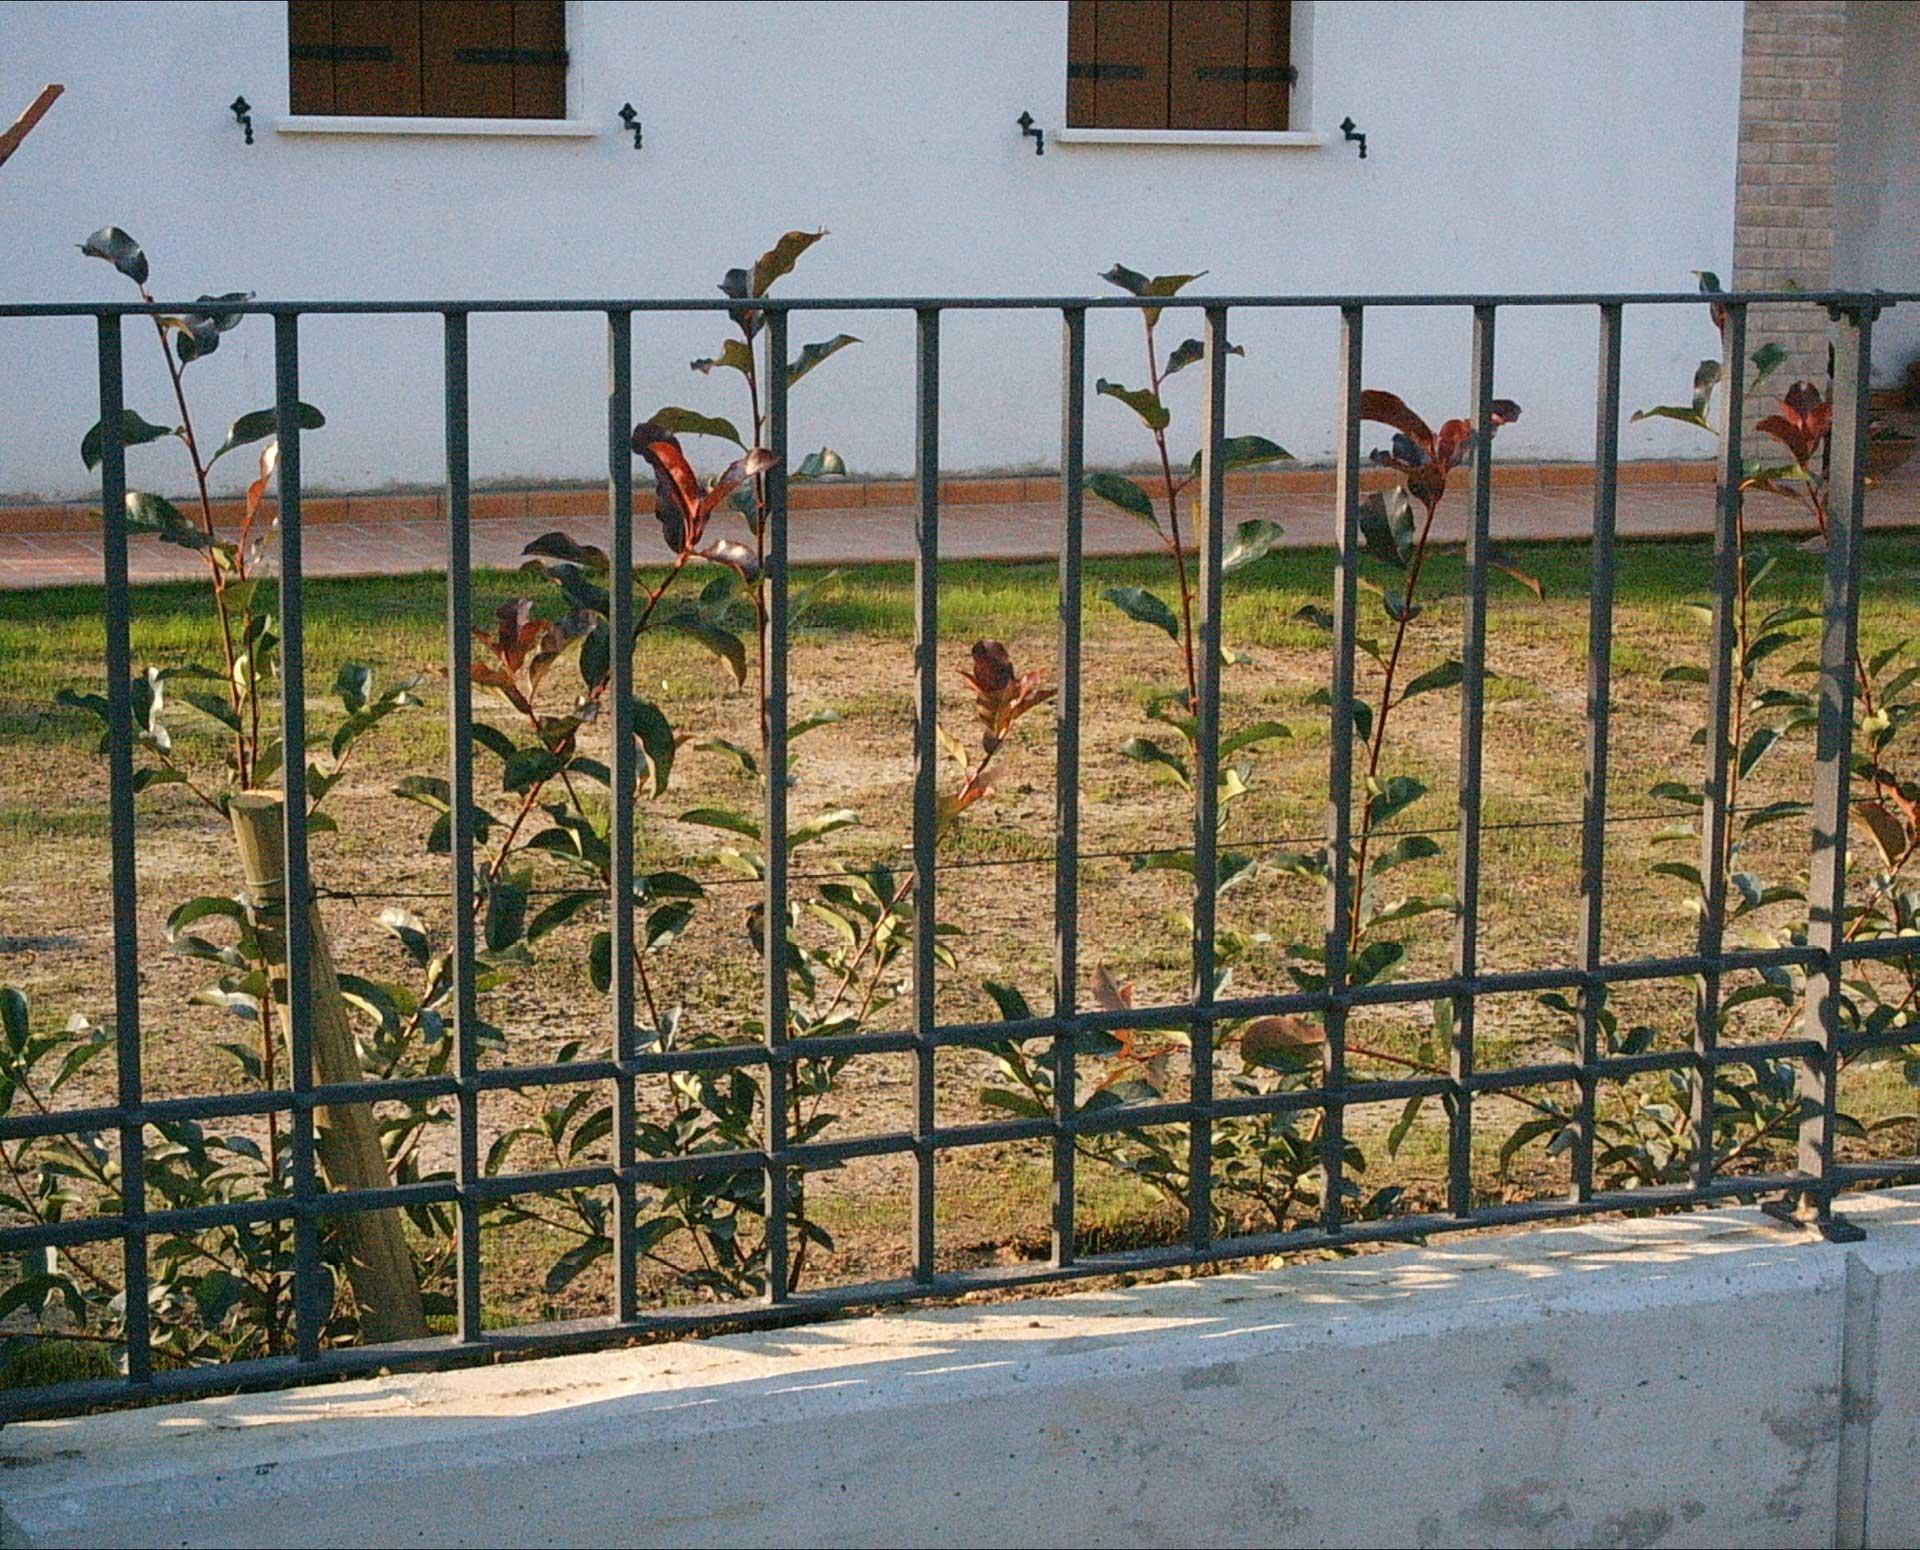 Free album recinzioni esterne with recinzioni esterne for Cancelli in ferro leroy merlin